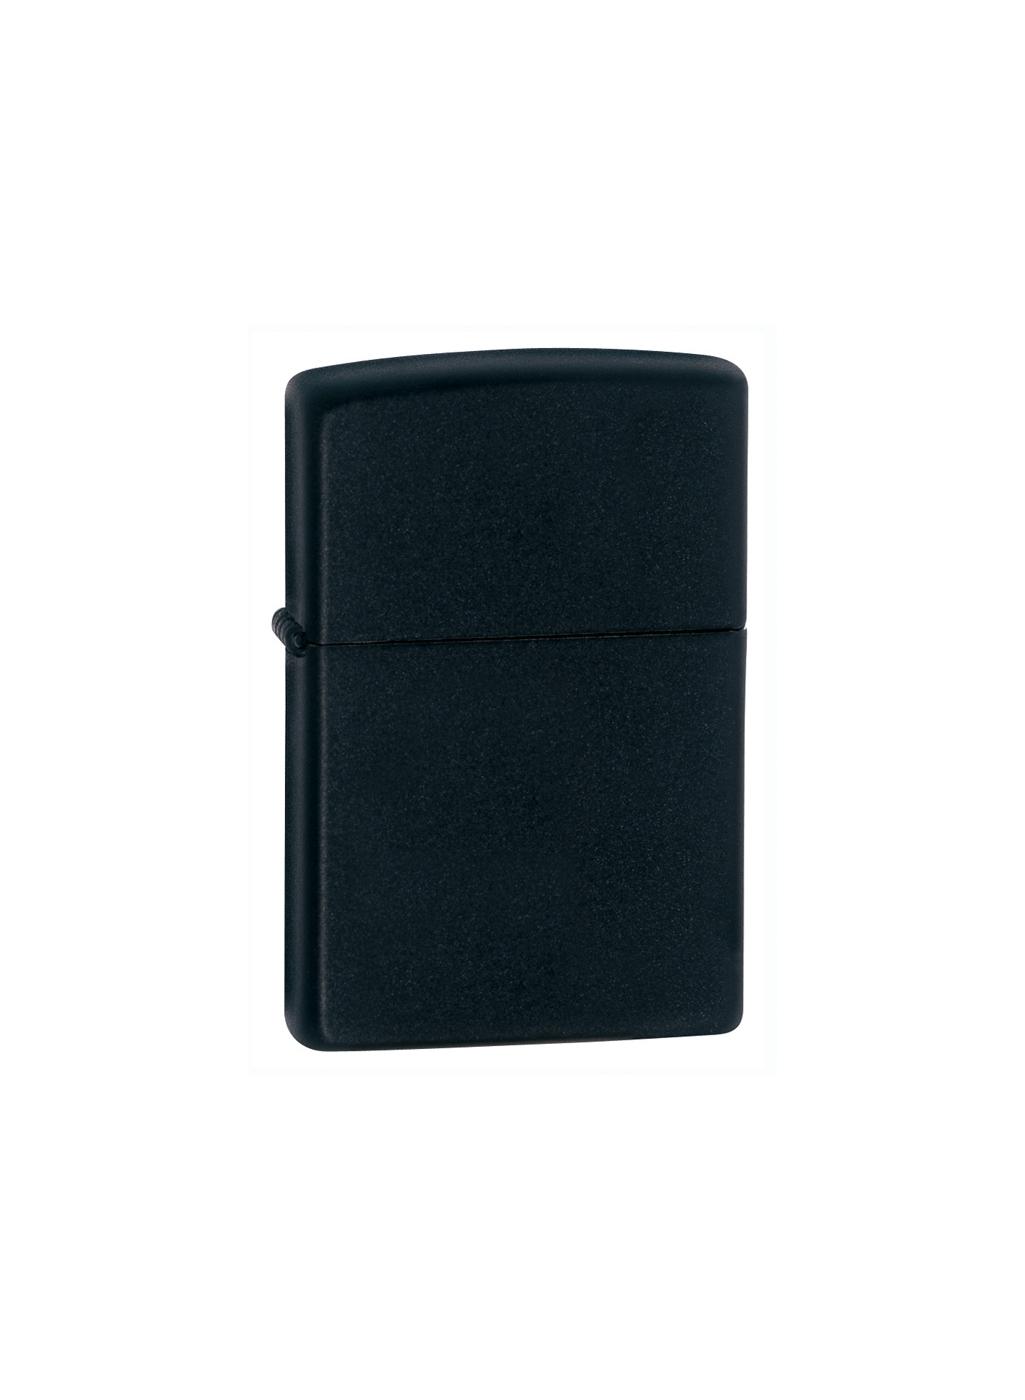 Zippo 218 004028 Reguar Black Matte Cakmak